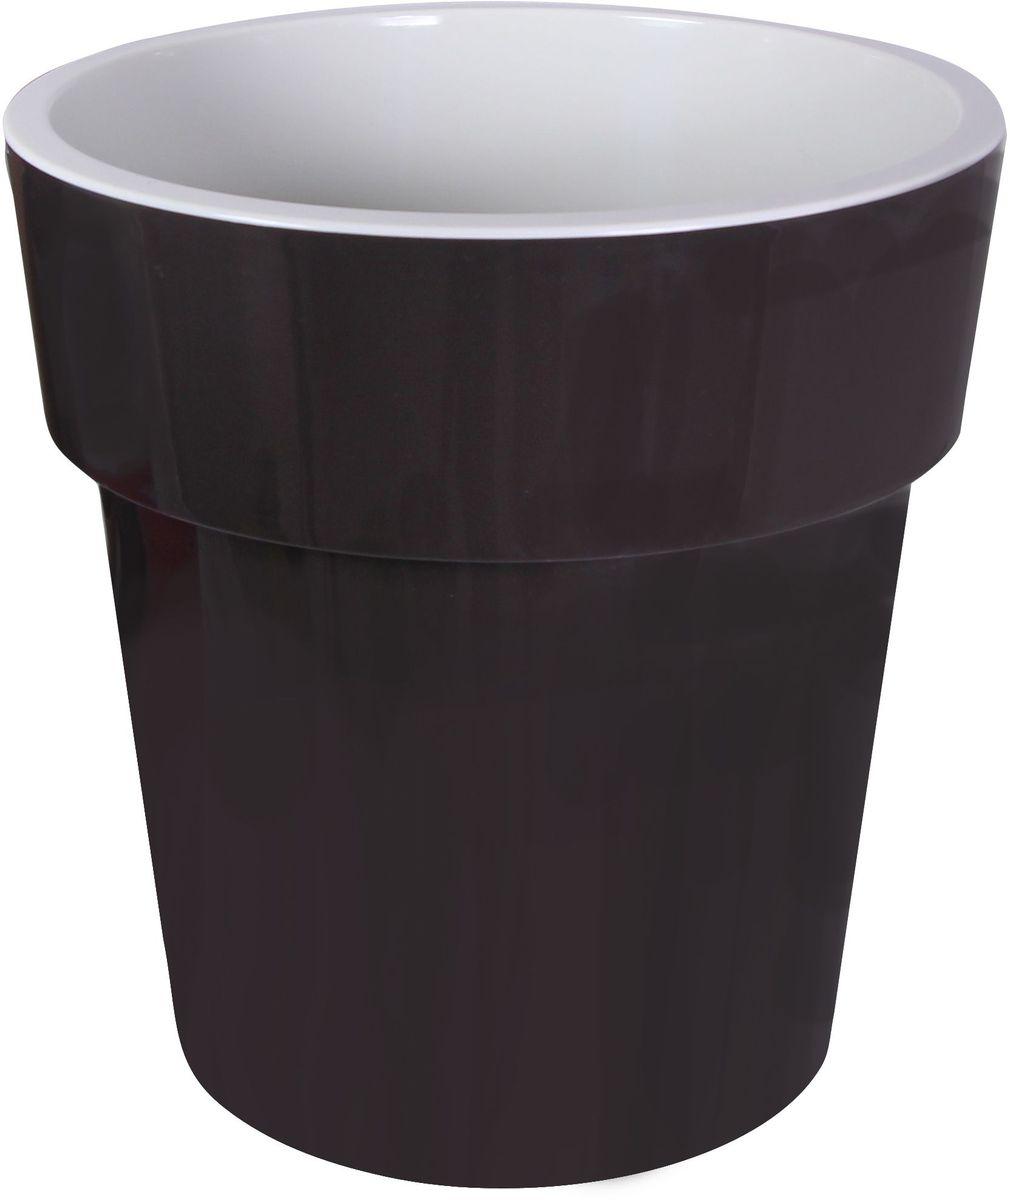 Кашпо Idea Тубус, цвет: коричневый, диаметр 20 смМ 3165